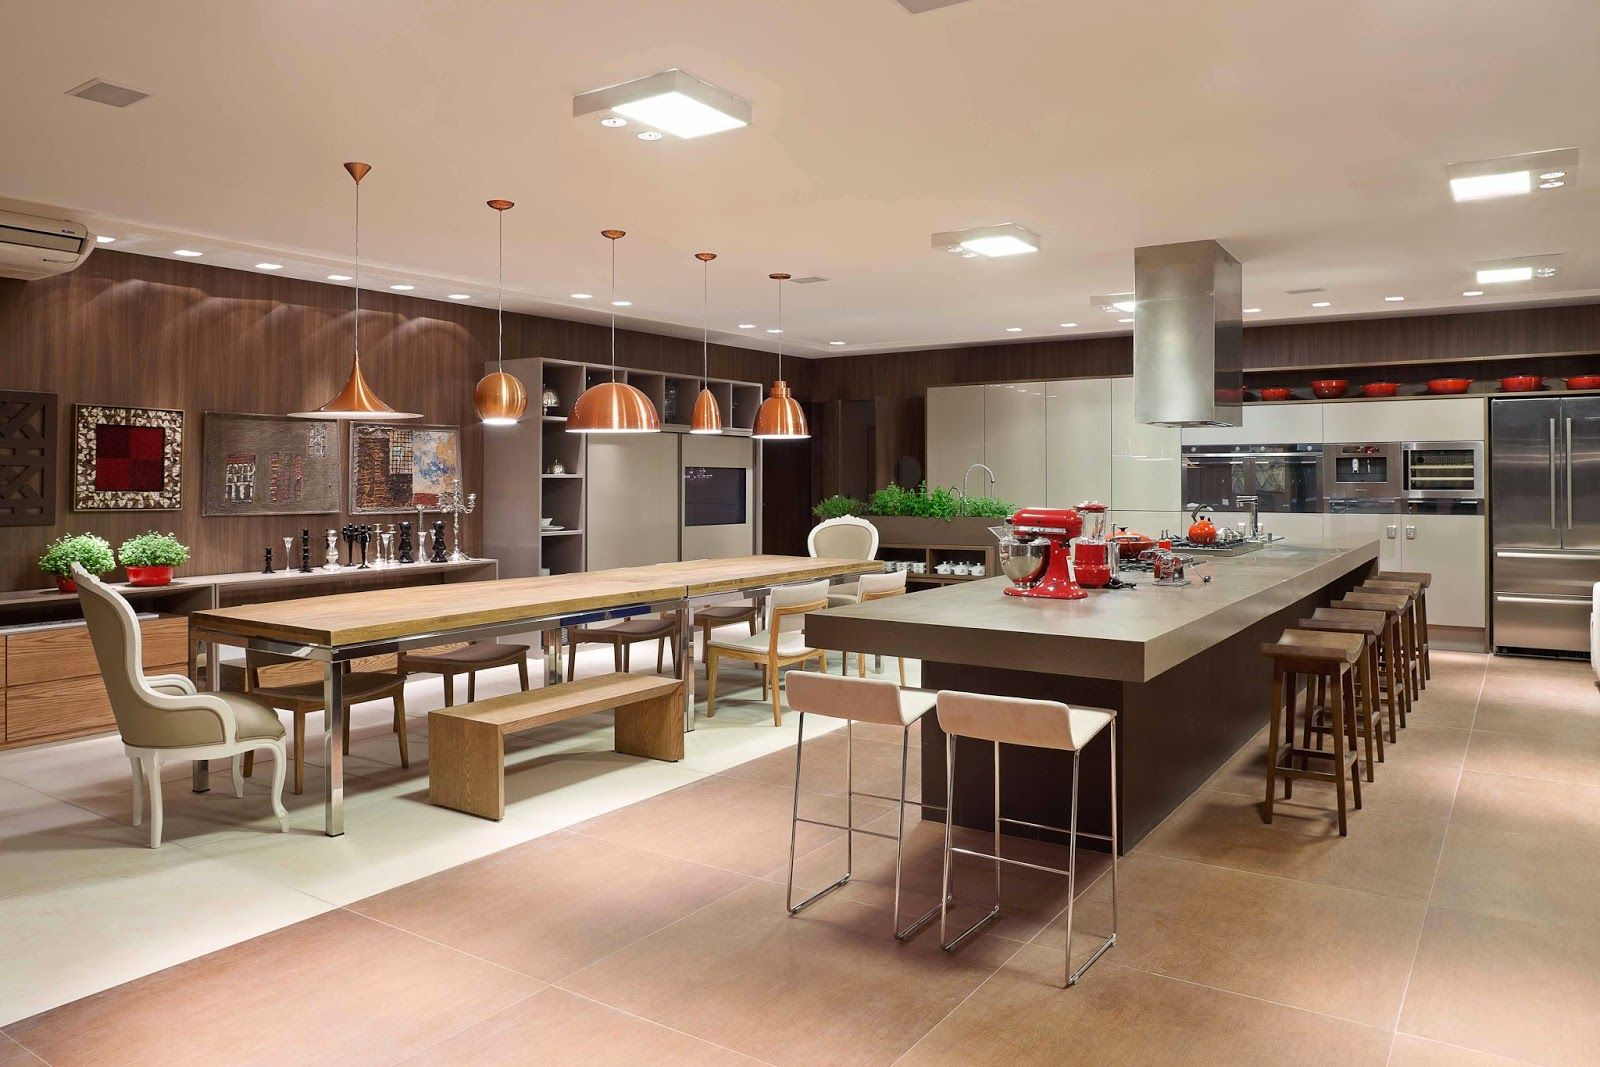 Aposte em uma cozinha gourmet para receber os convidados